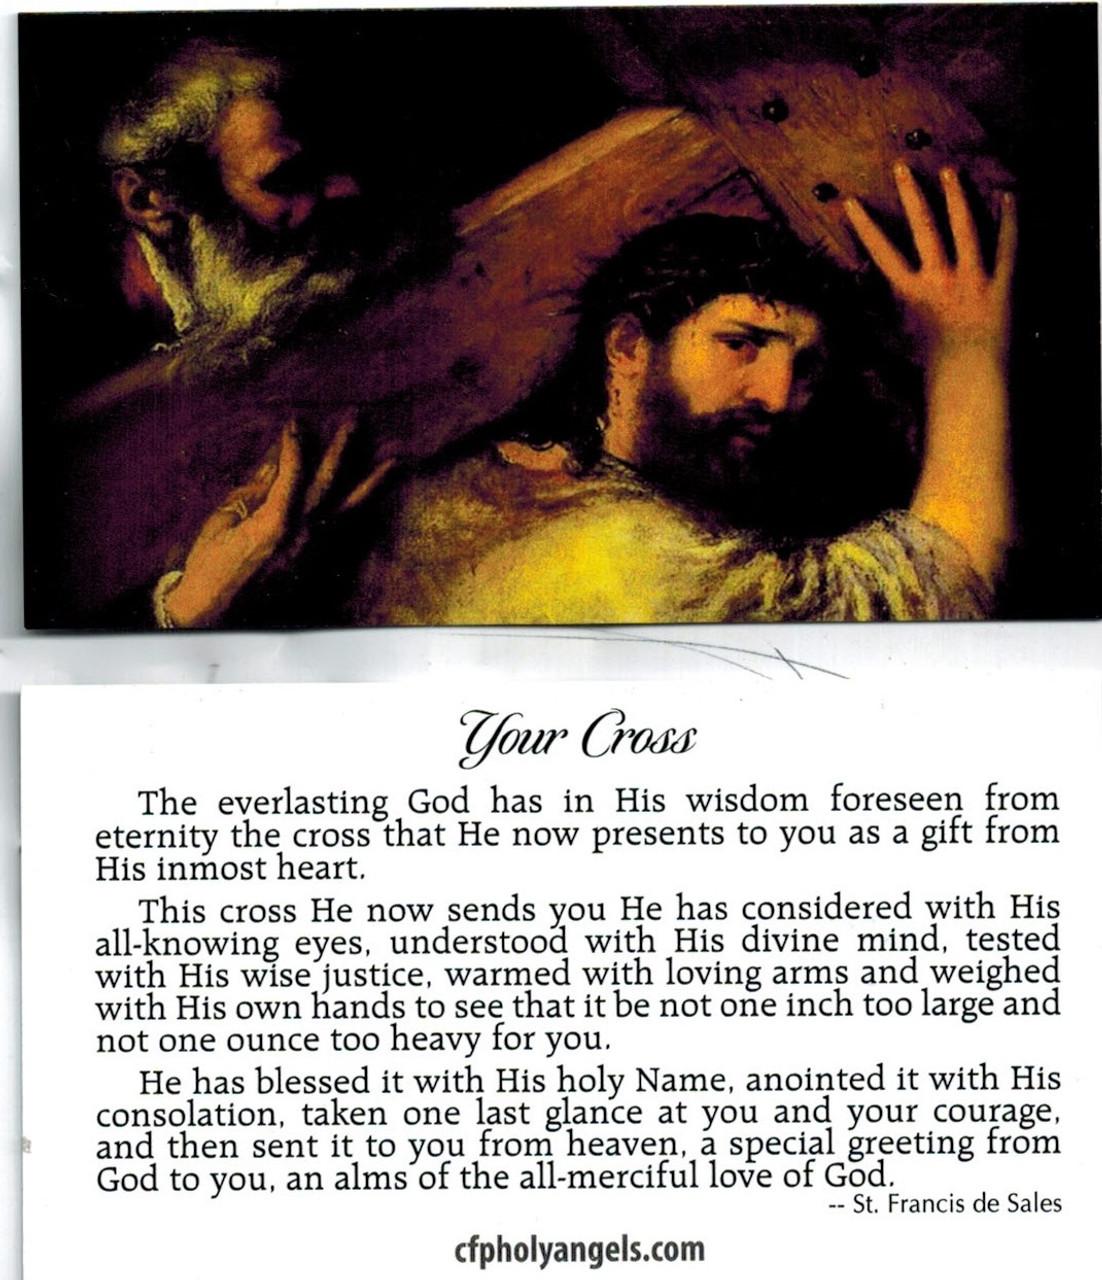 Your Cross Prayer by Saint Francis de Sales